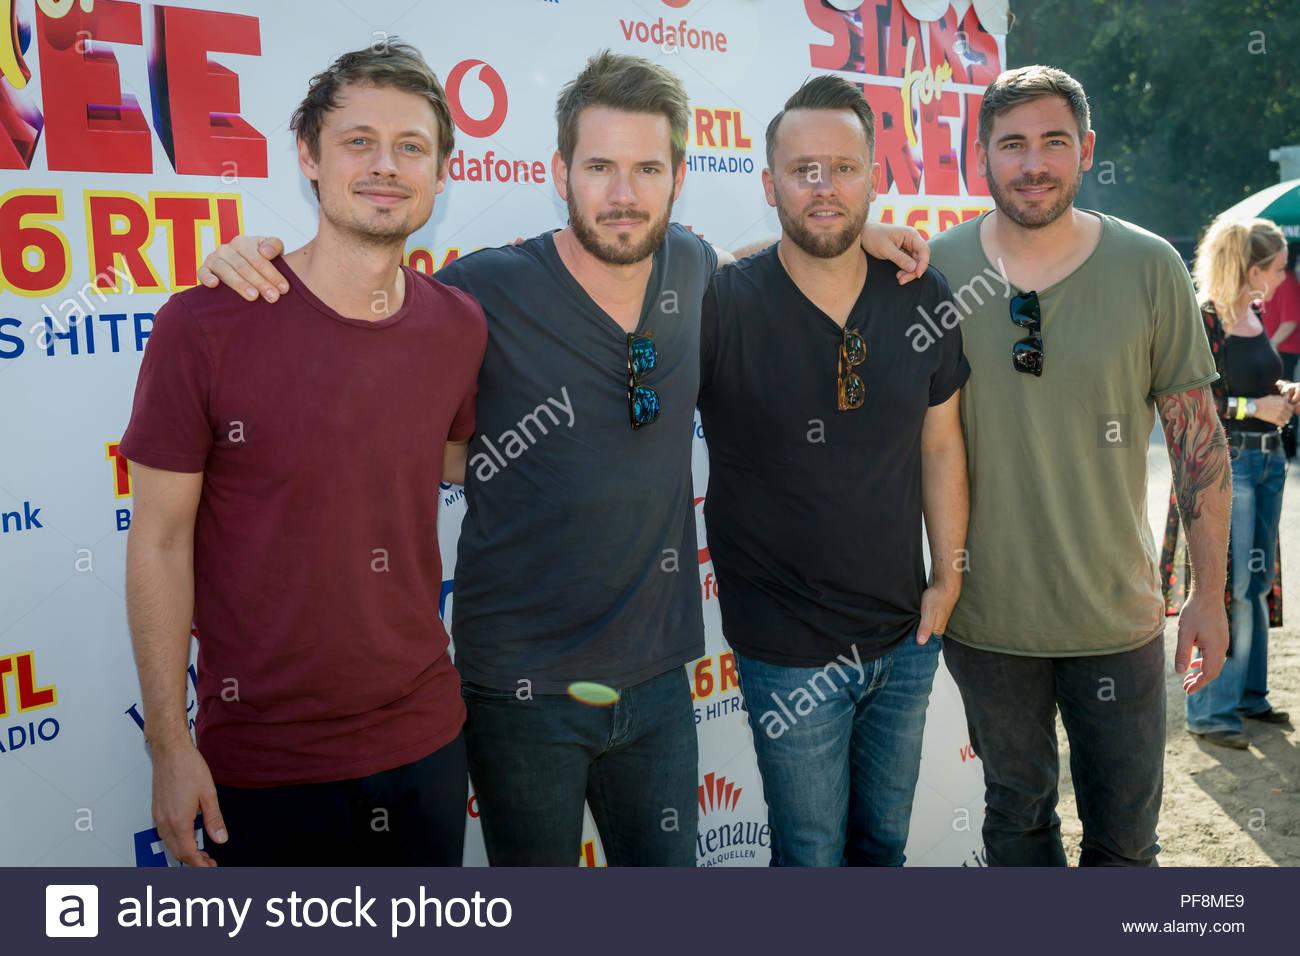 18.08.2018, Revolverheld Backstage beim Sterne für kostenlose Open Air 2018 von Berlins Hitradio 104.6 RTL in der Berliner Freilichtbühne Wuhlheide. Stockbild